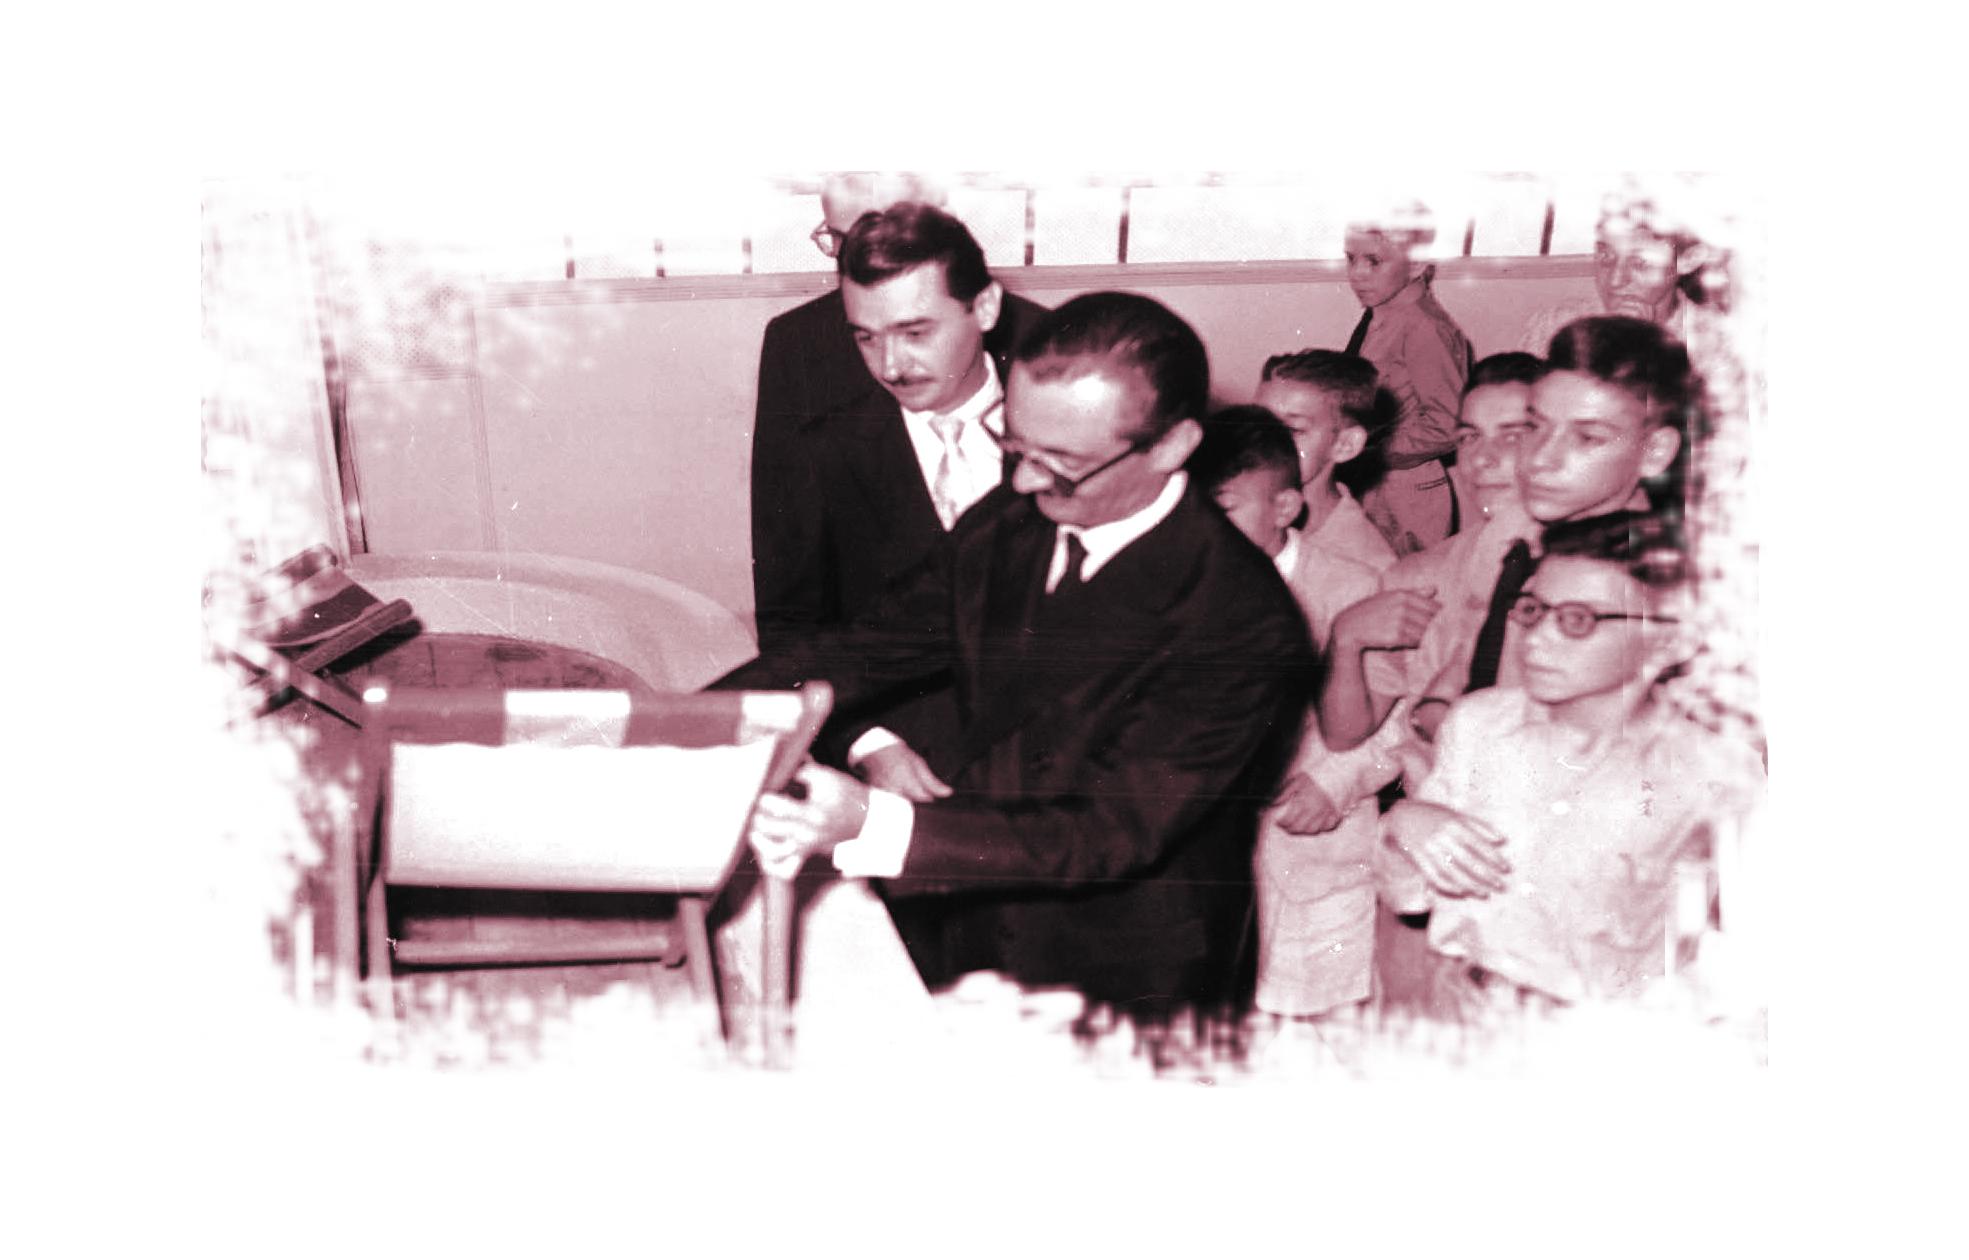 Nicolinha e Jânio Quadros Durante a administração de Nicolinha, a cidade recebeu a visita do então presidente Juscelino Kubitschek. As aproximações políticas entre os dois eram fortes